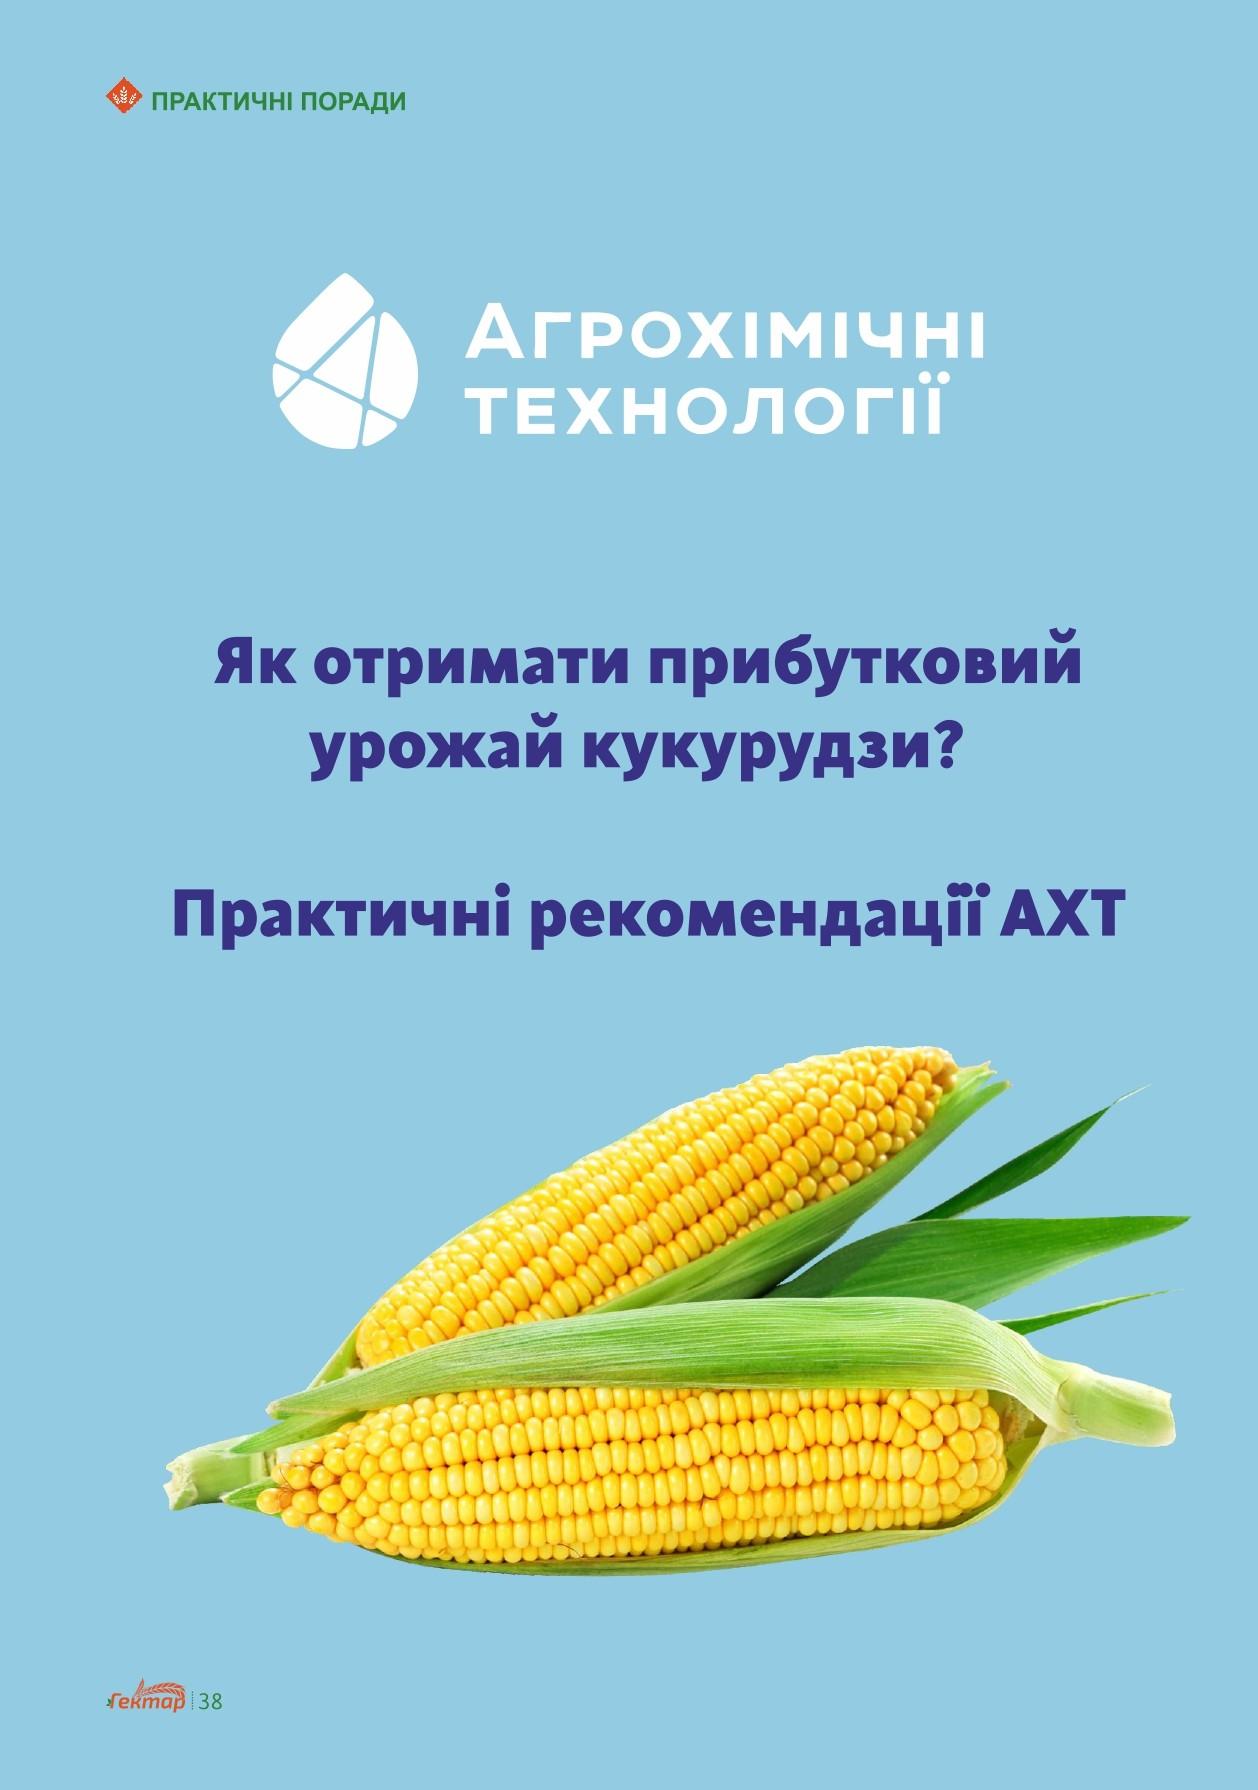 Як отримати прибутковий урожай кукурудзи?